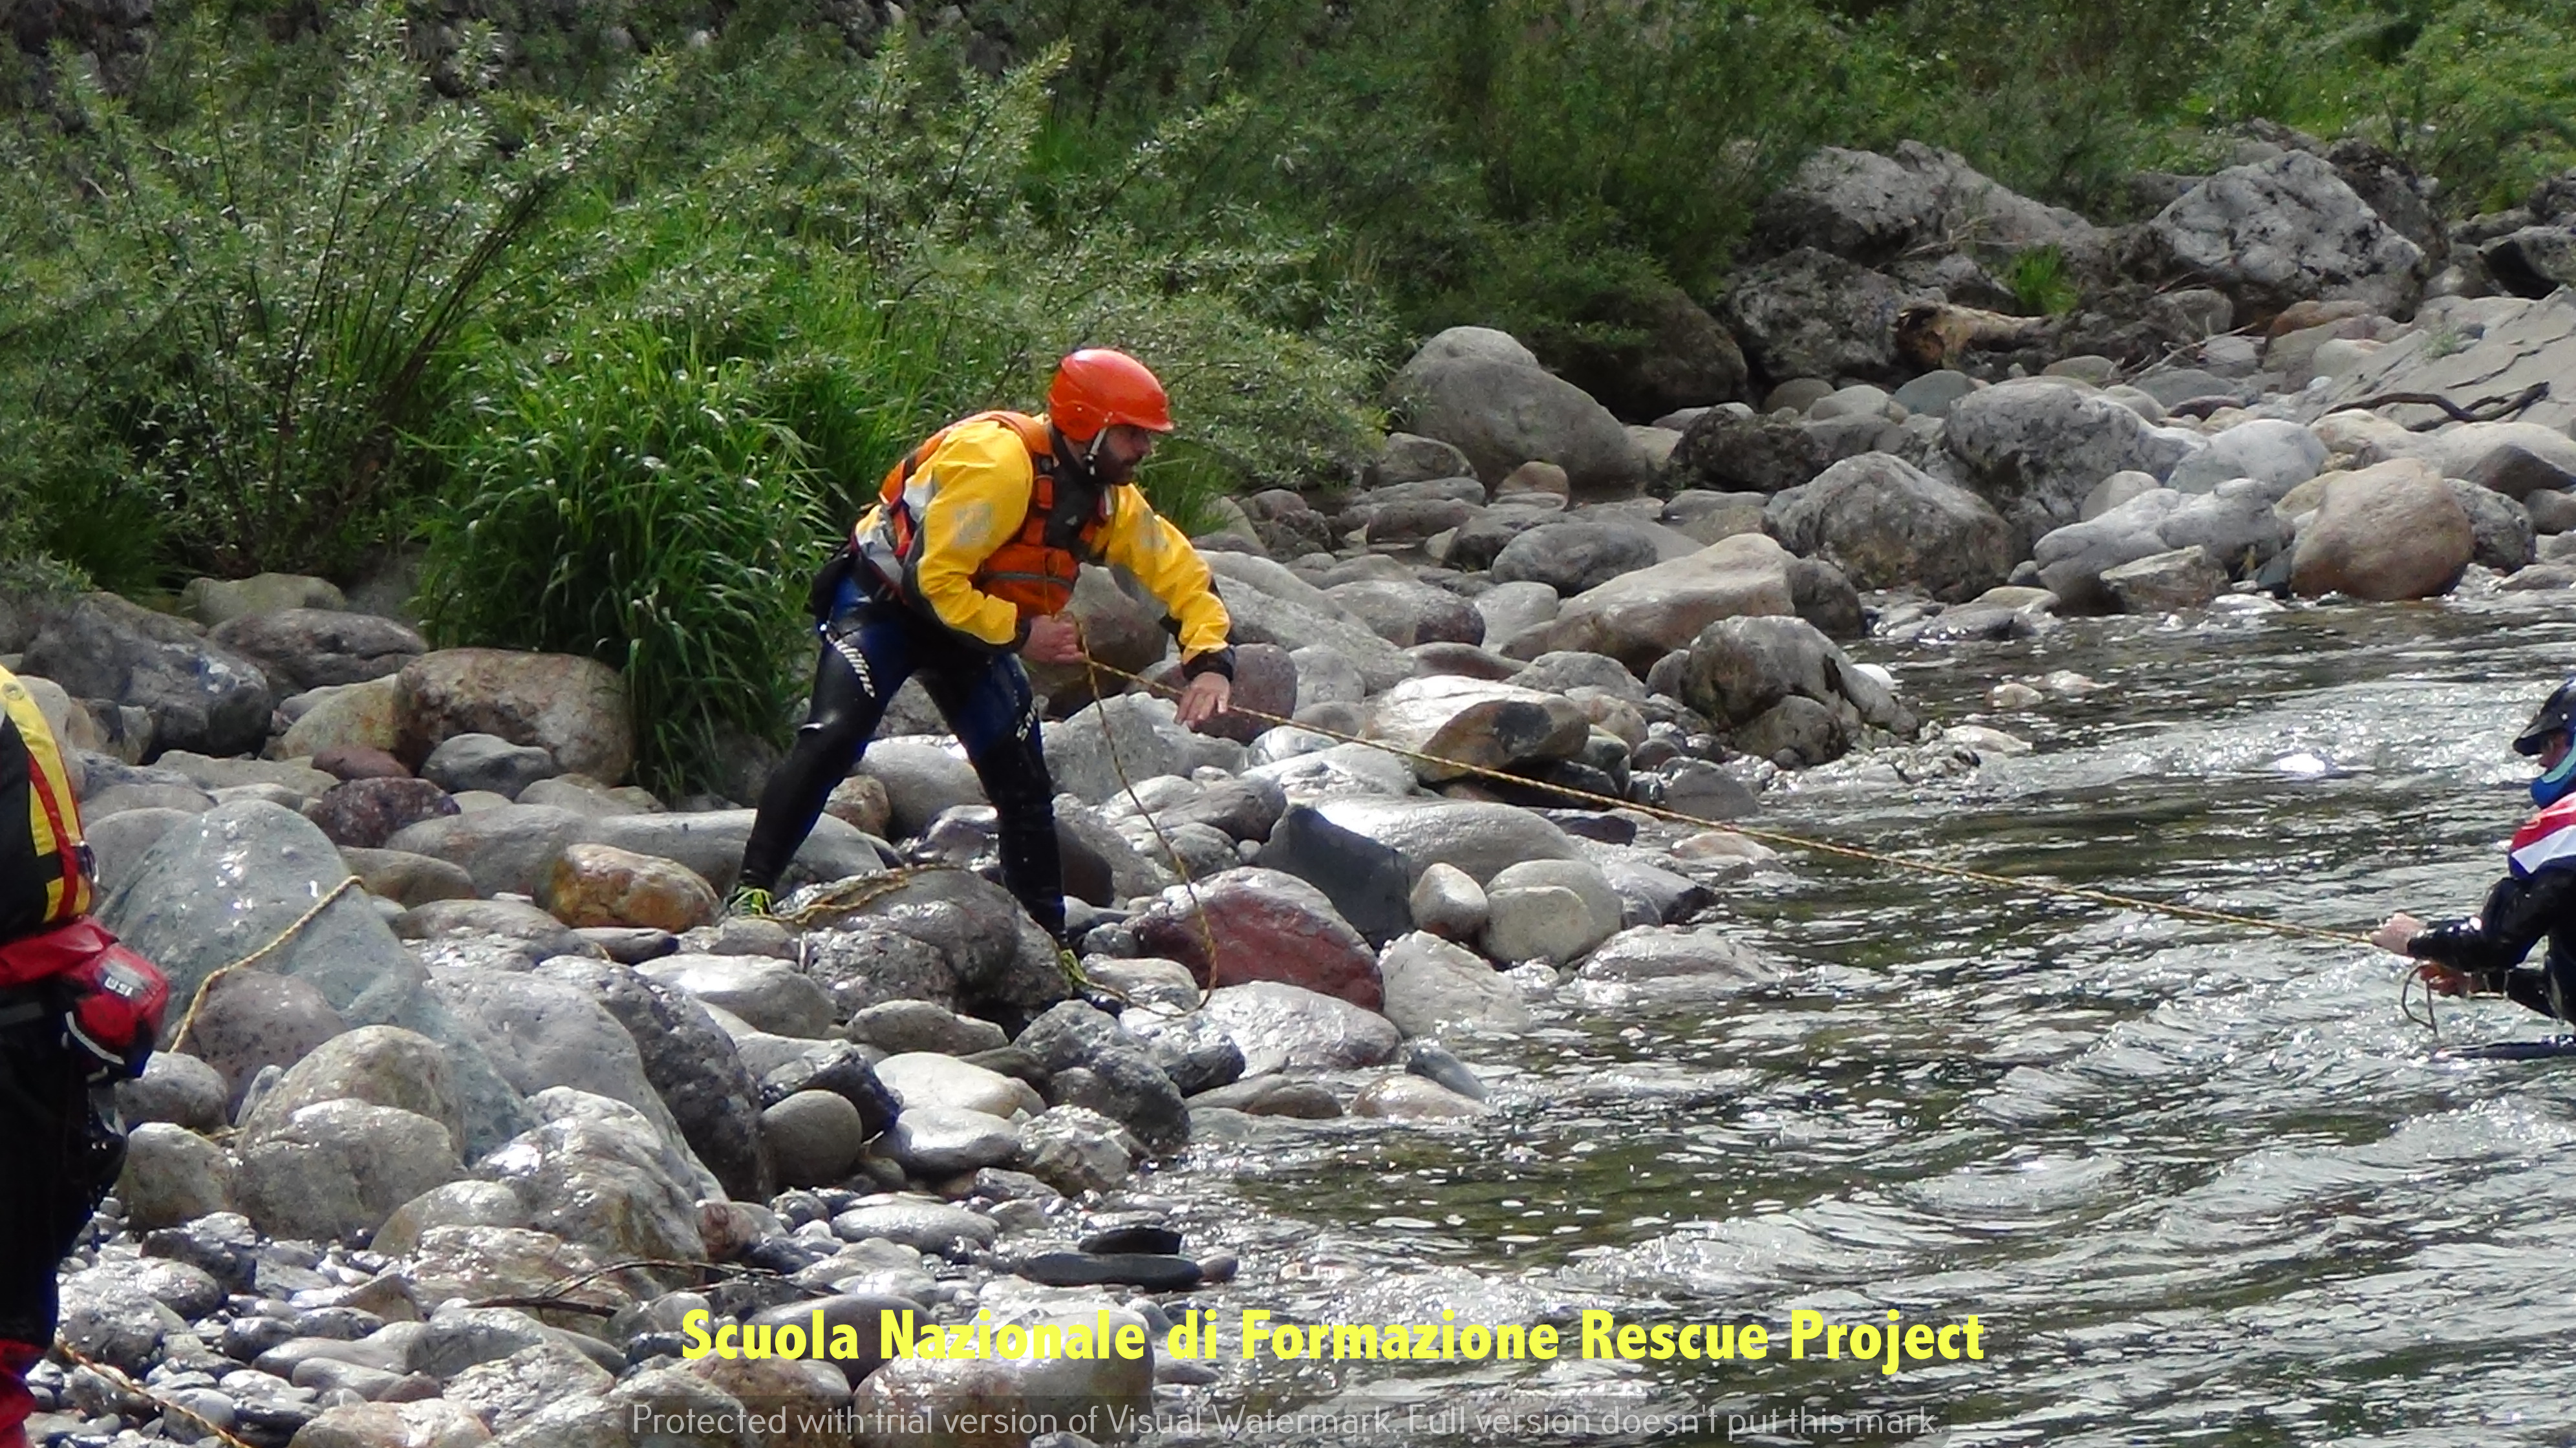 Scuola Nazionale di Formazione Rescue Project36